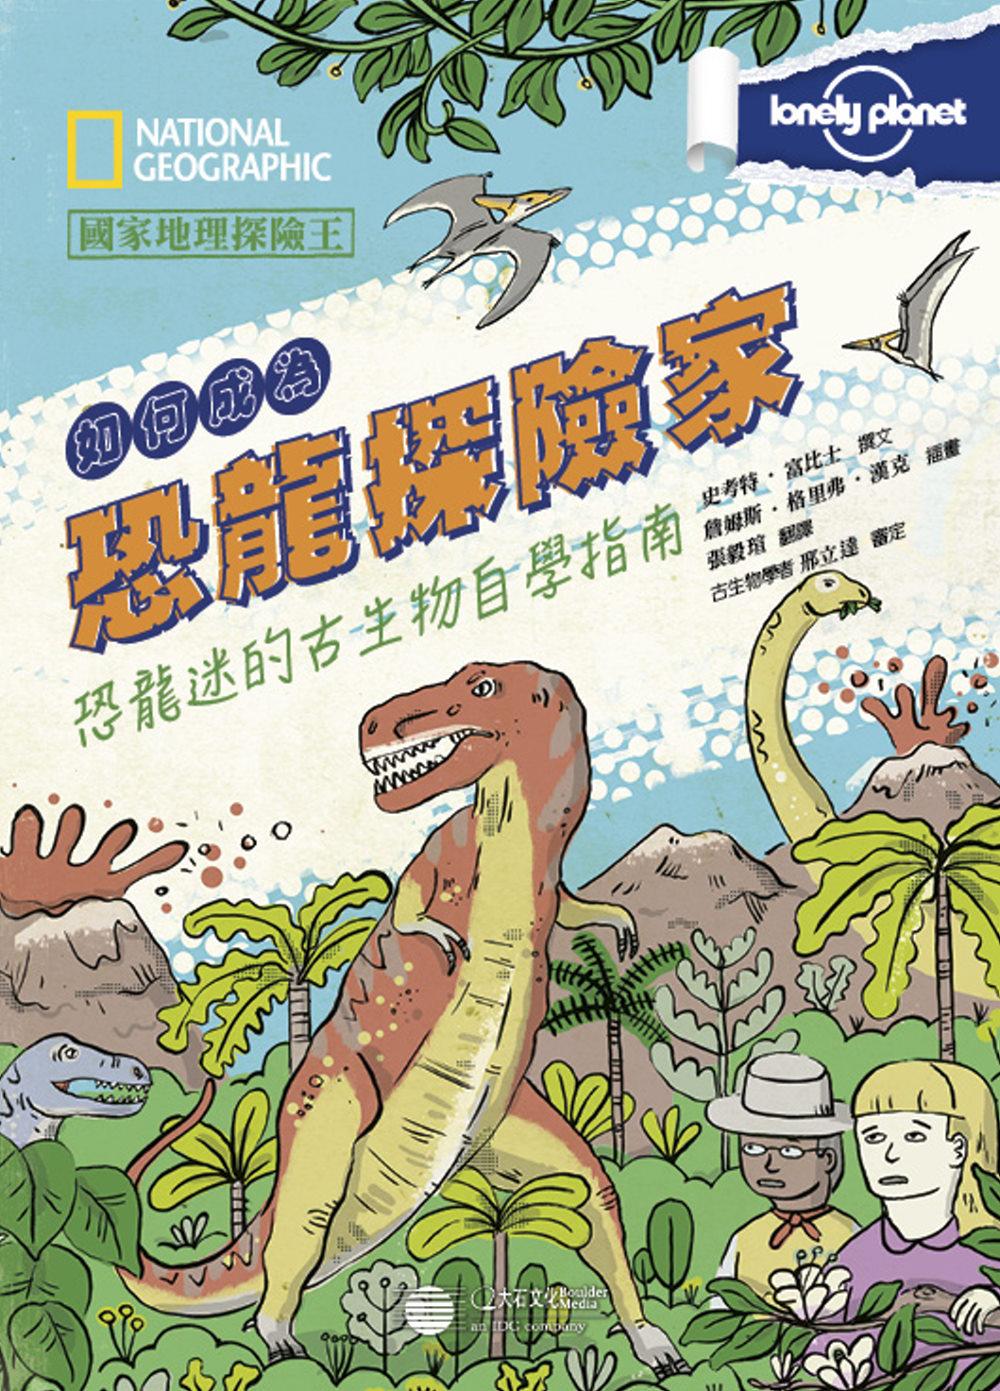 國家地理探險王:如何成為恐龍探險家 恐龍迷的古生物自學指南